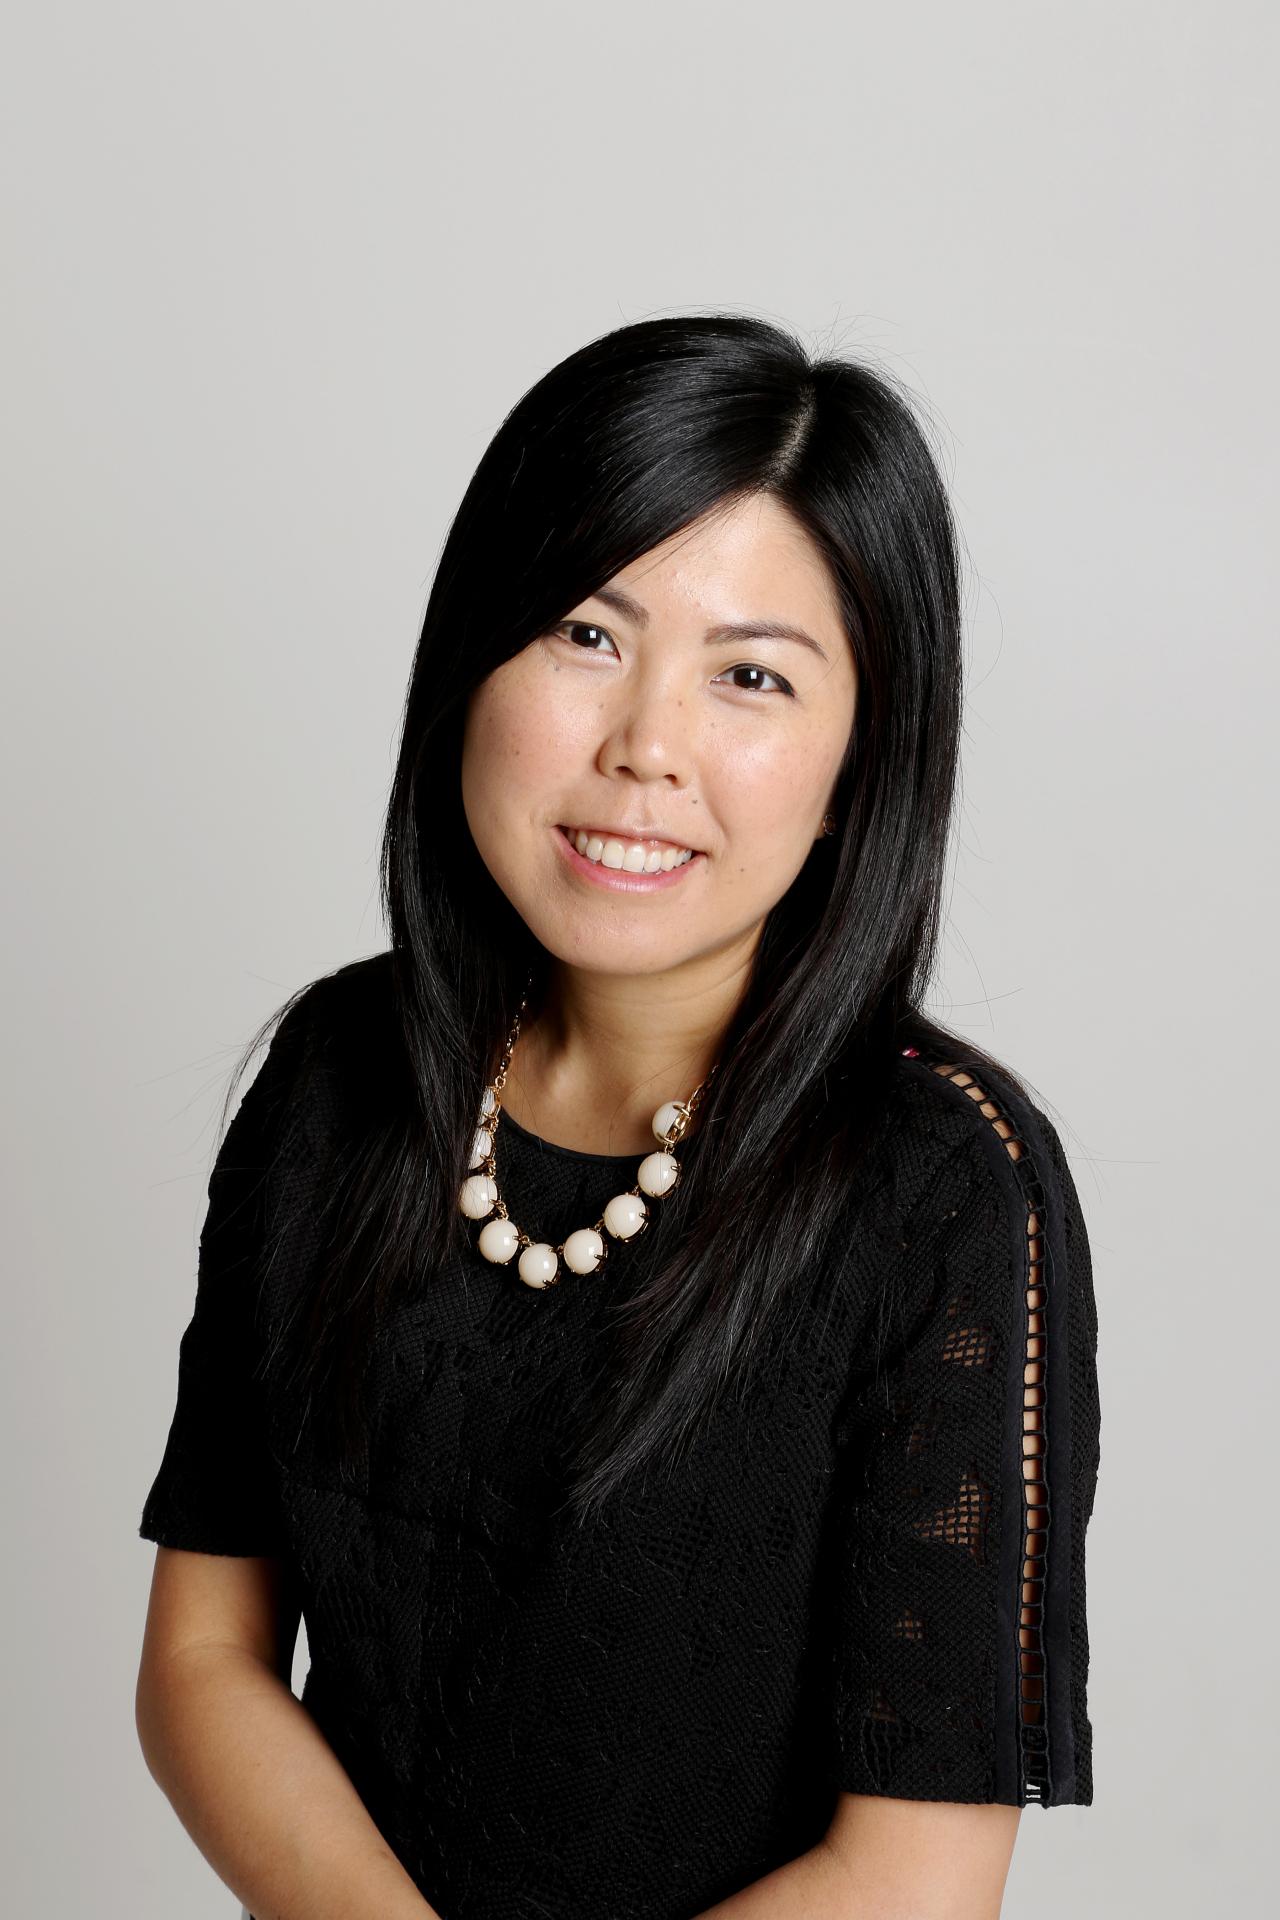 Dr. Karen Lam